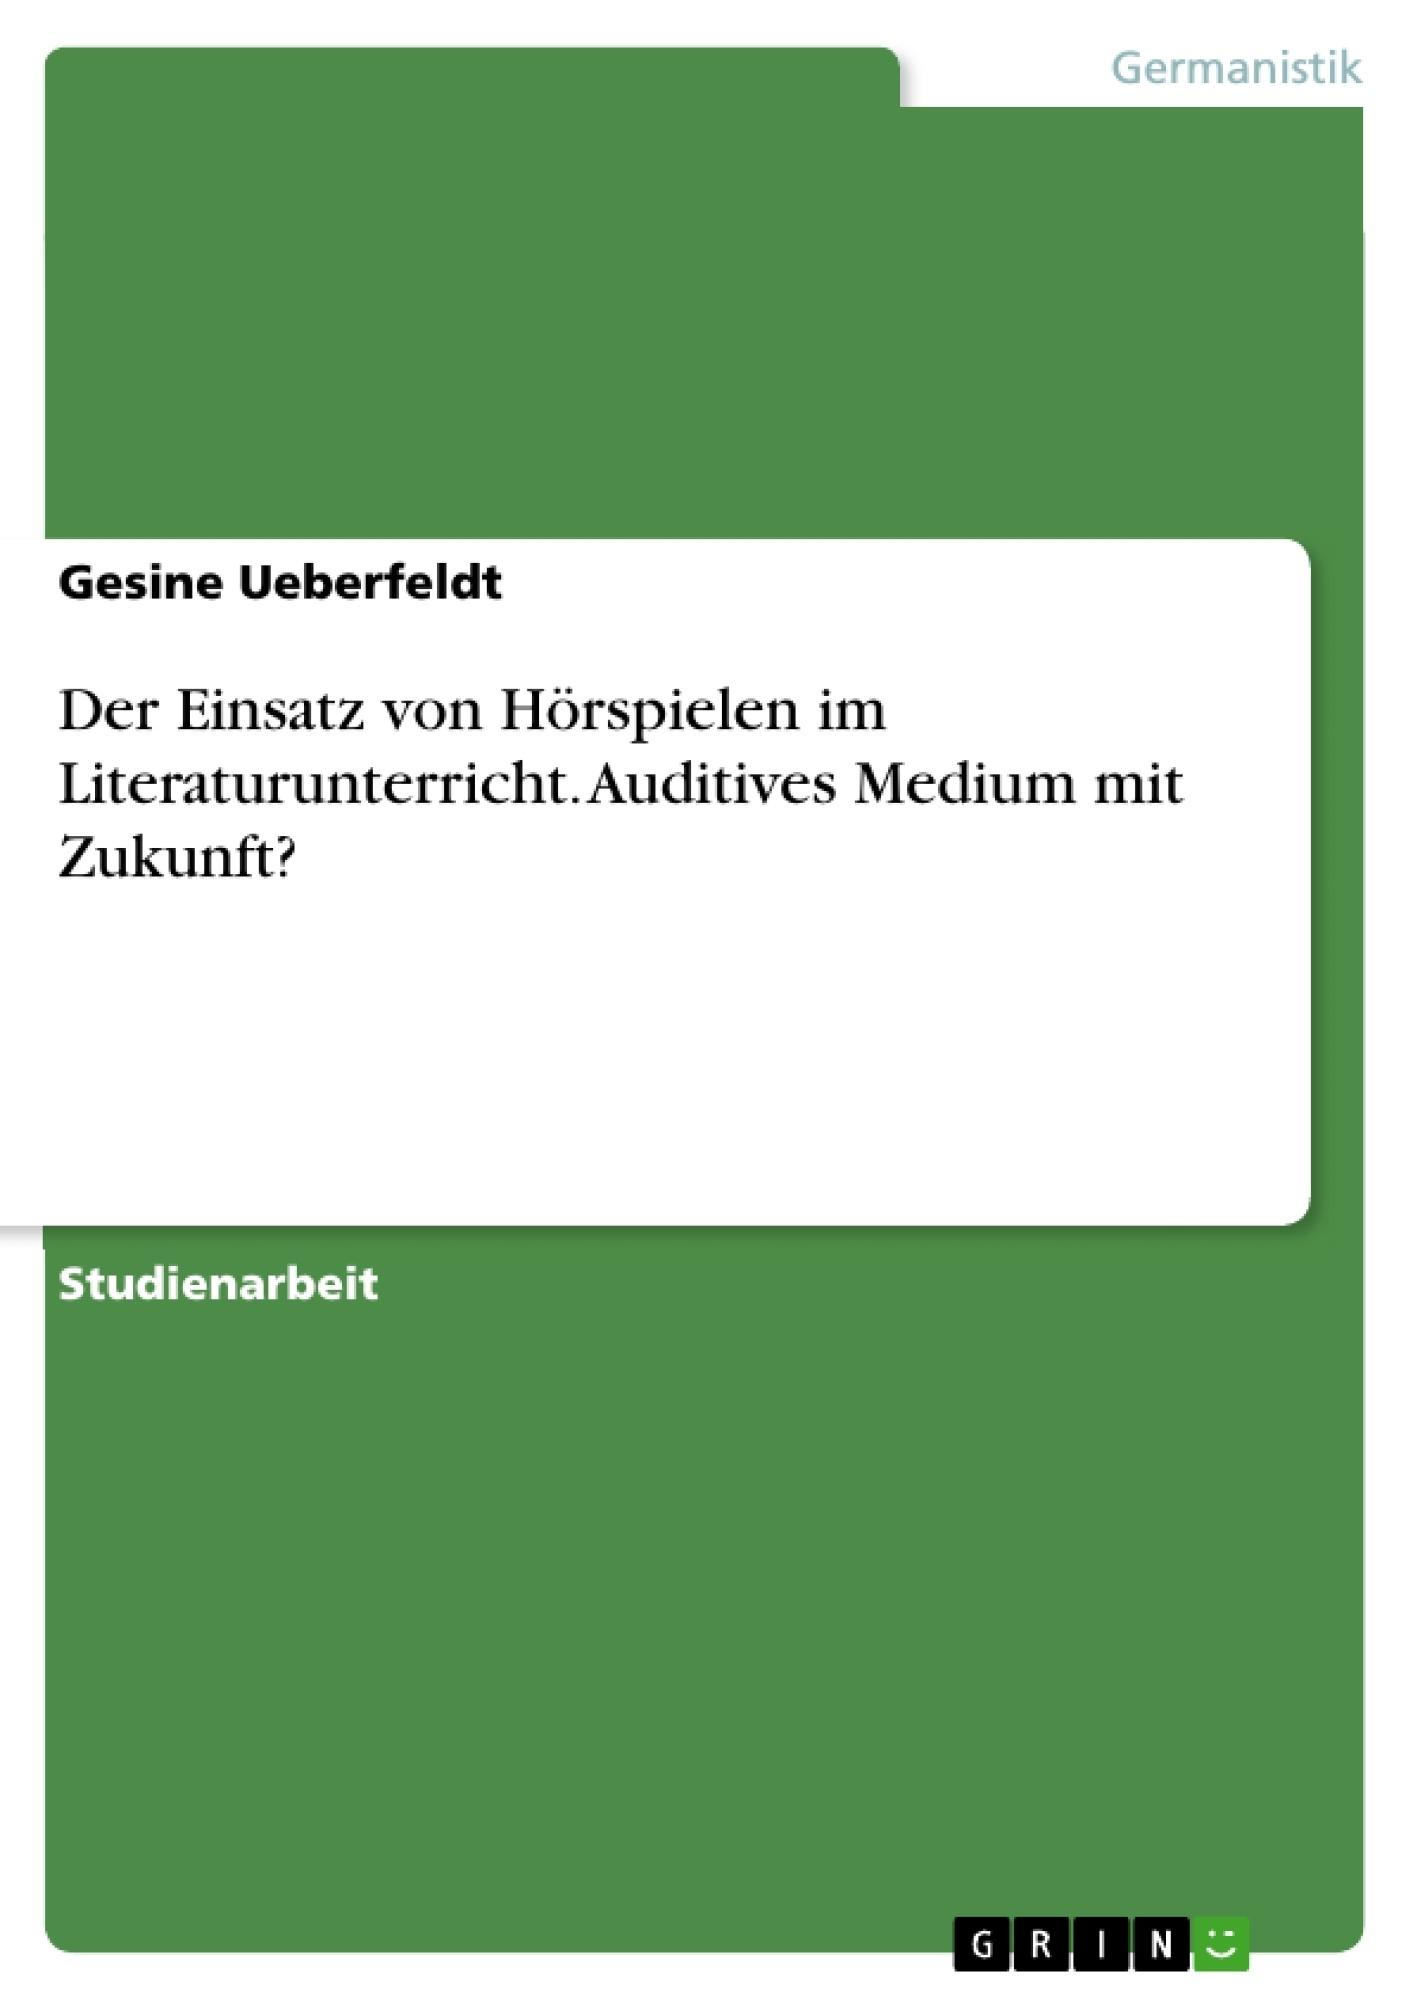 Titel: Der Einsatz von Hörspielen im Literaturunterricht. Auditives Medium mit Zukunft?